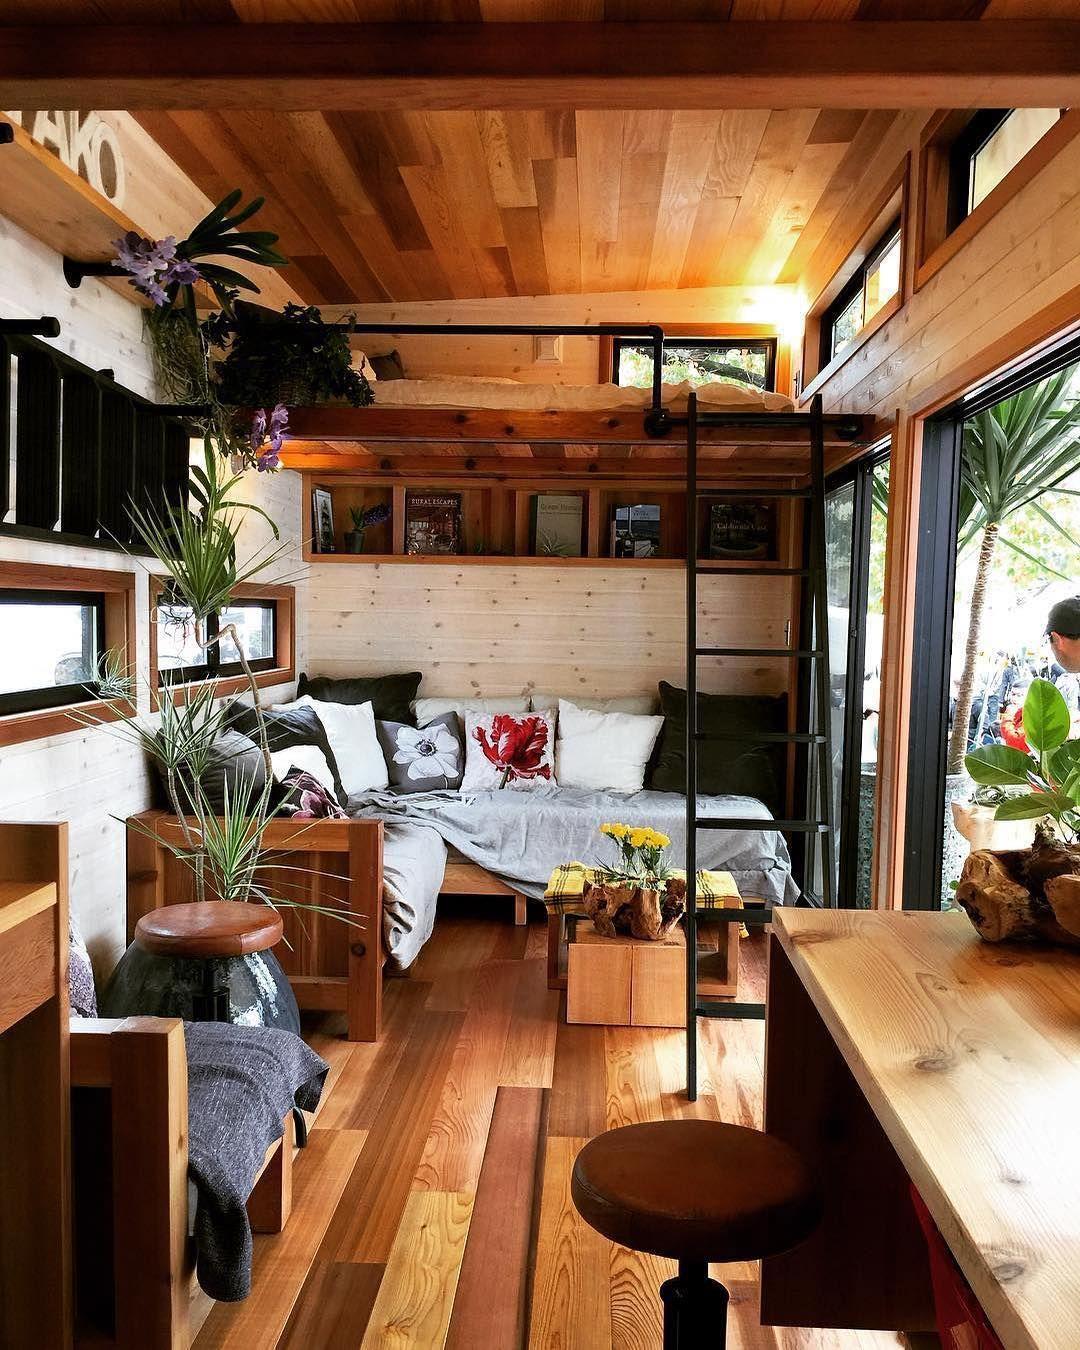 Tiny Houses: Kompakt und nachhaltig. Ein Trend der Zukunft? — Minimalistischer Lebensstil